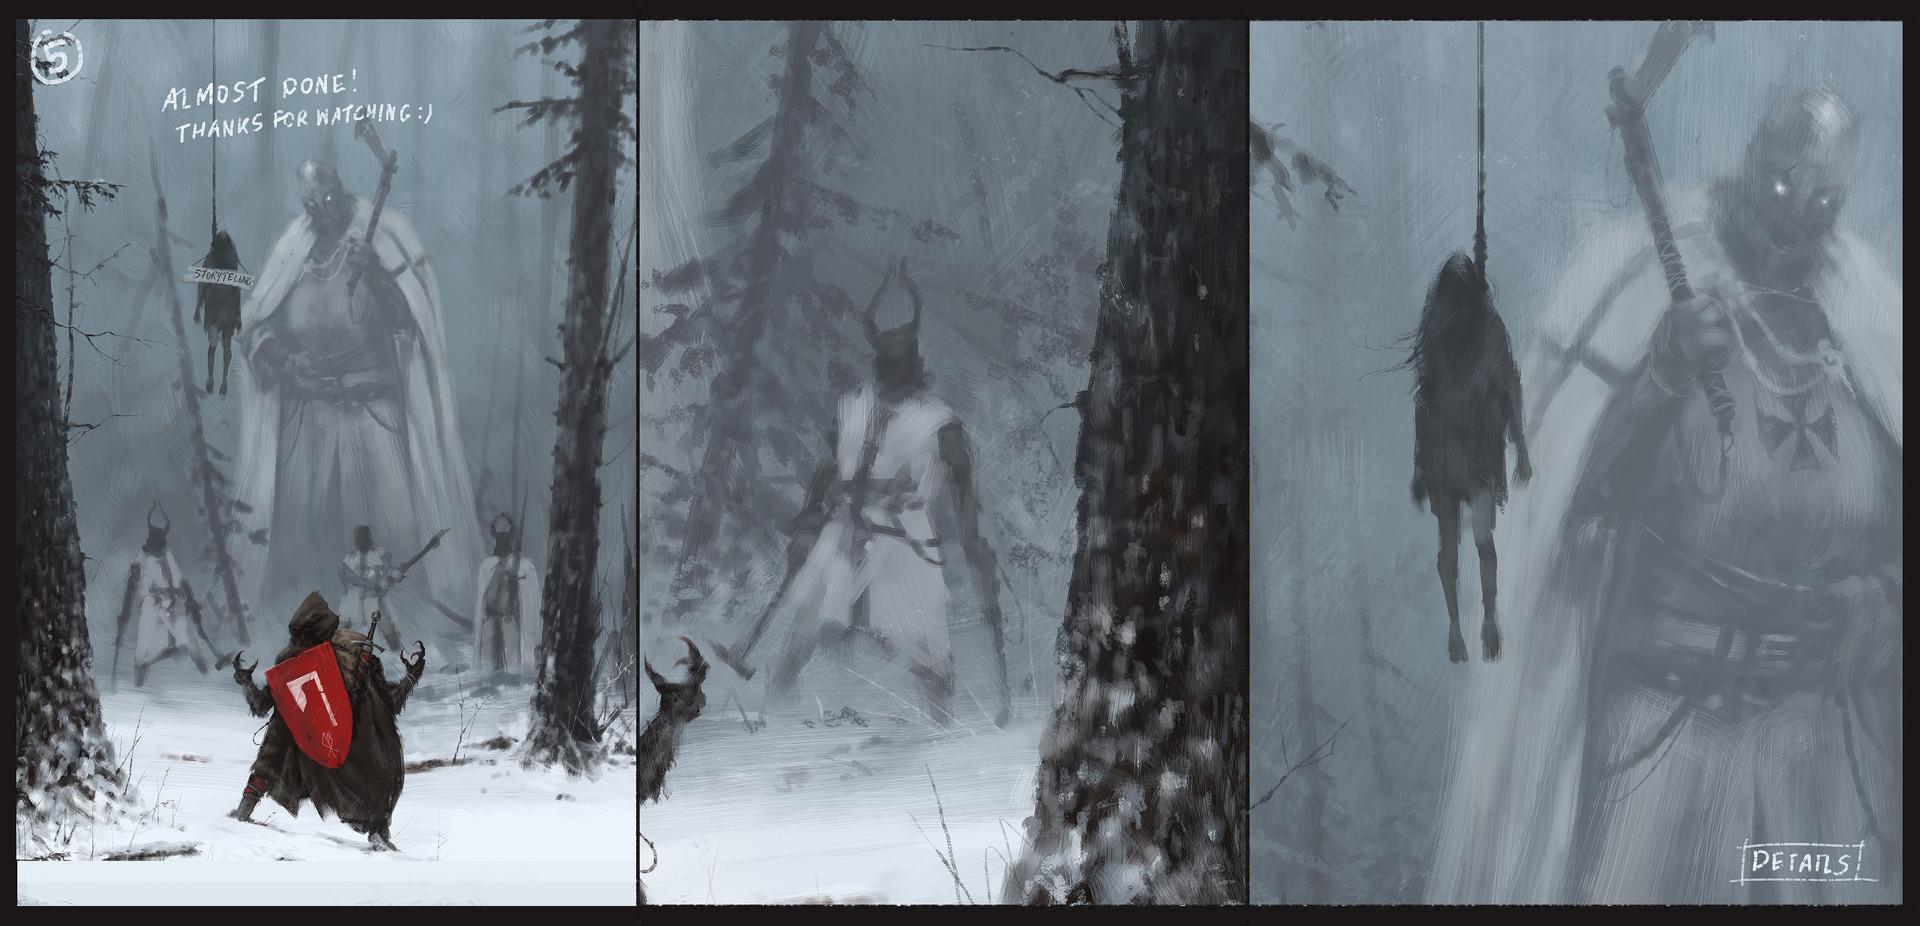 Jakub rozalski starza wolfpack process3